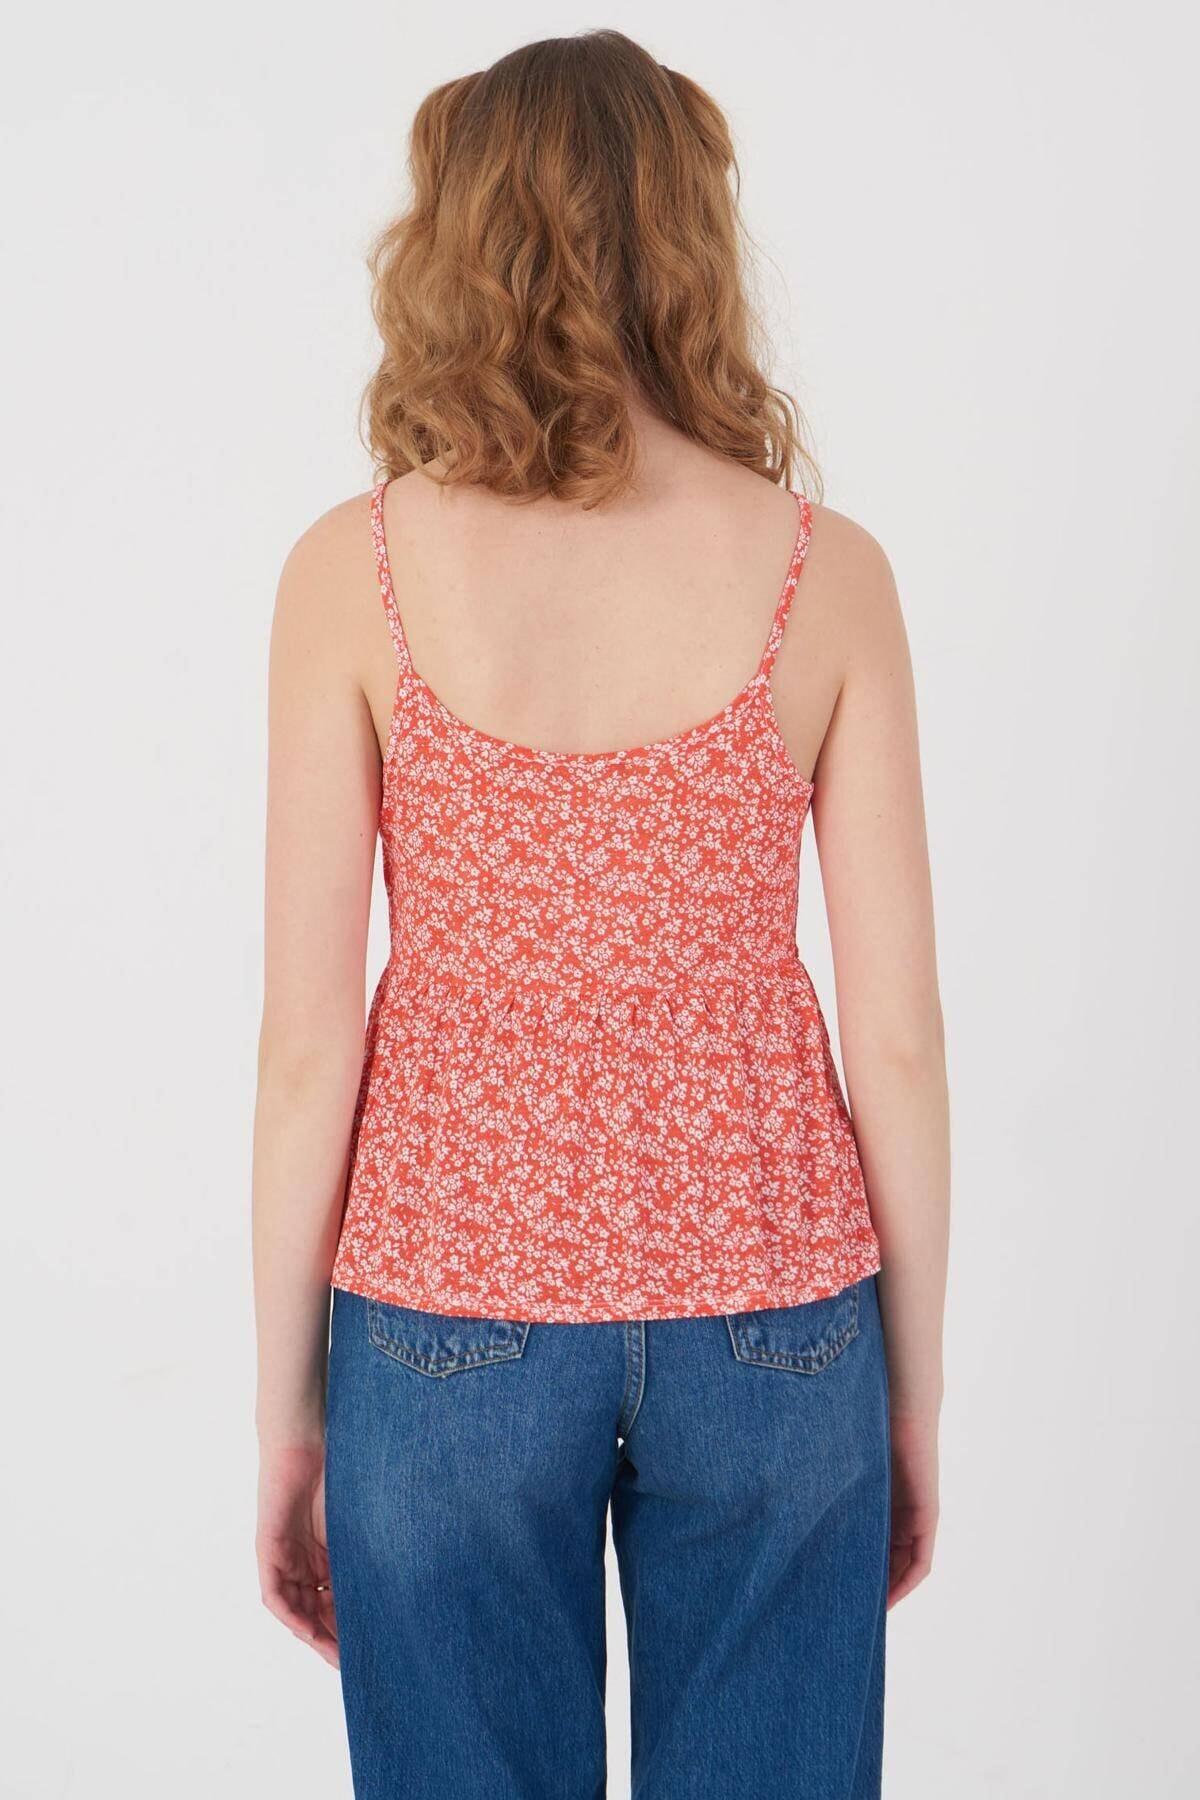 Addax Kadın Kırmızı Çiçek Desenli Bluz Çiç B12242 Adx-0000023925 4